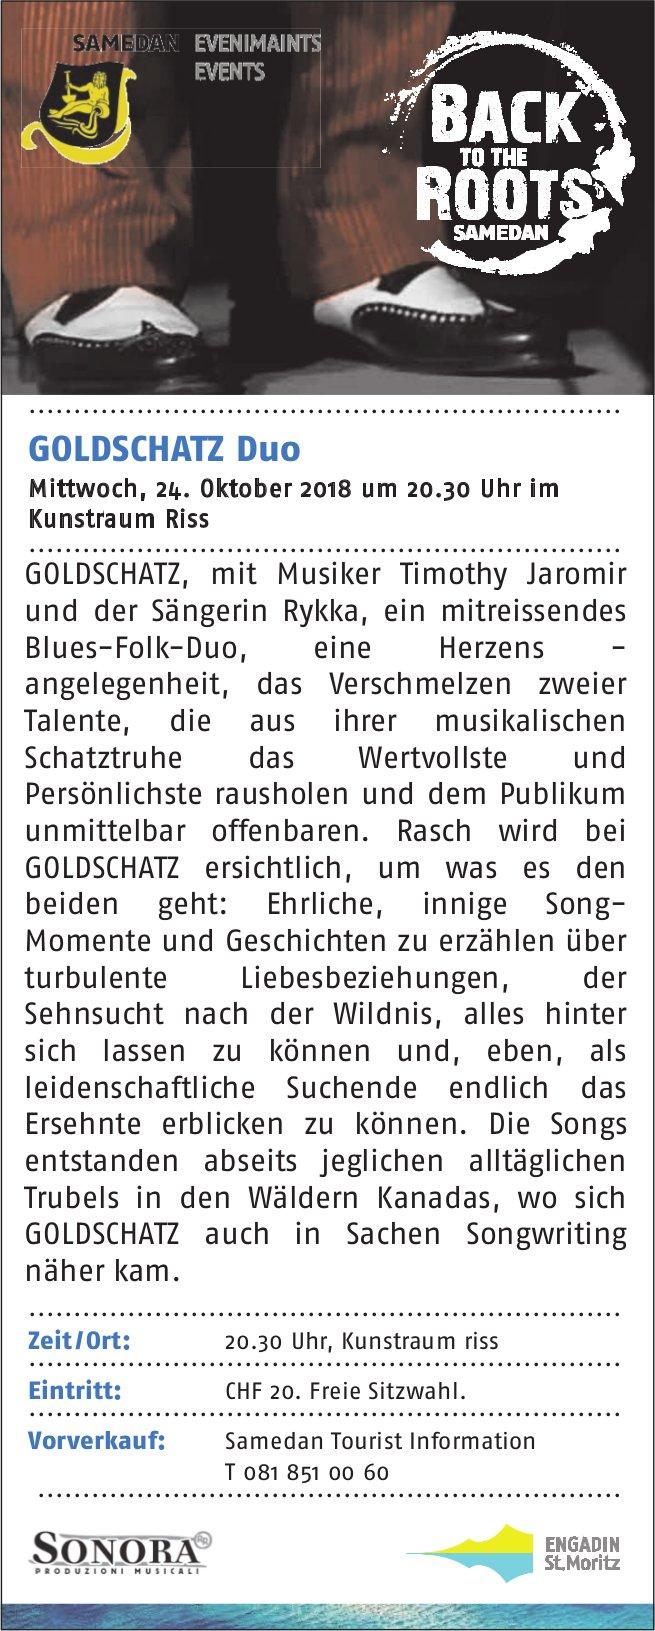 GOLDSCHATZ Duo, 24. Oktober, Kunstraum Riss, Samedan